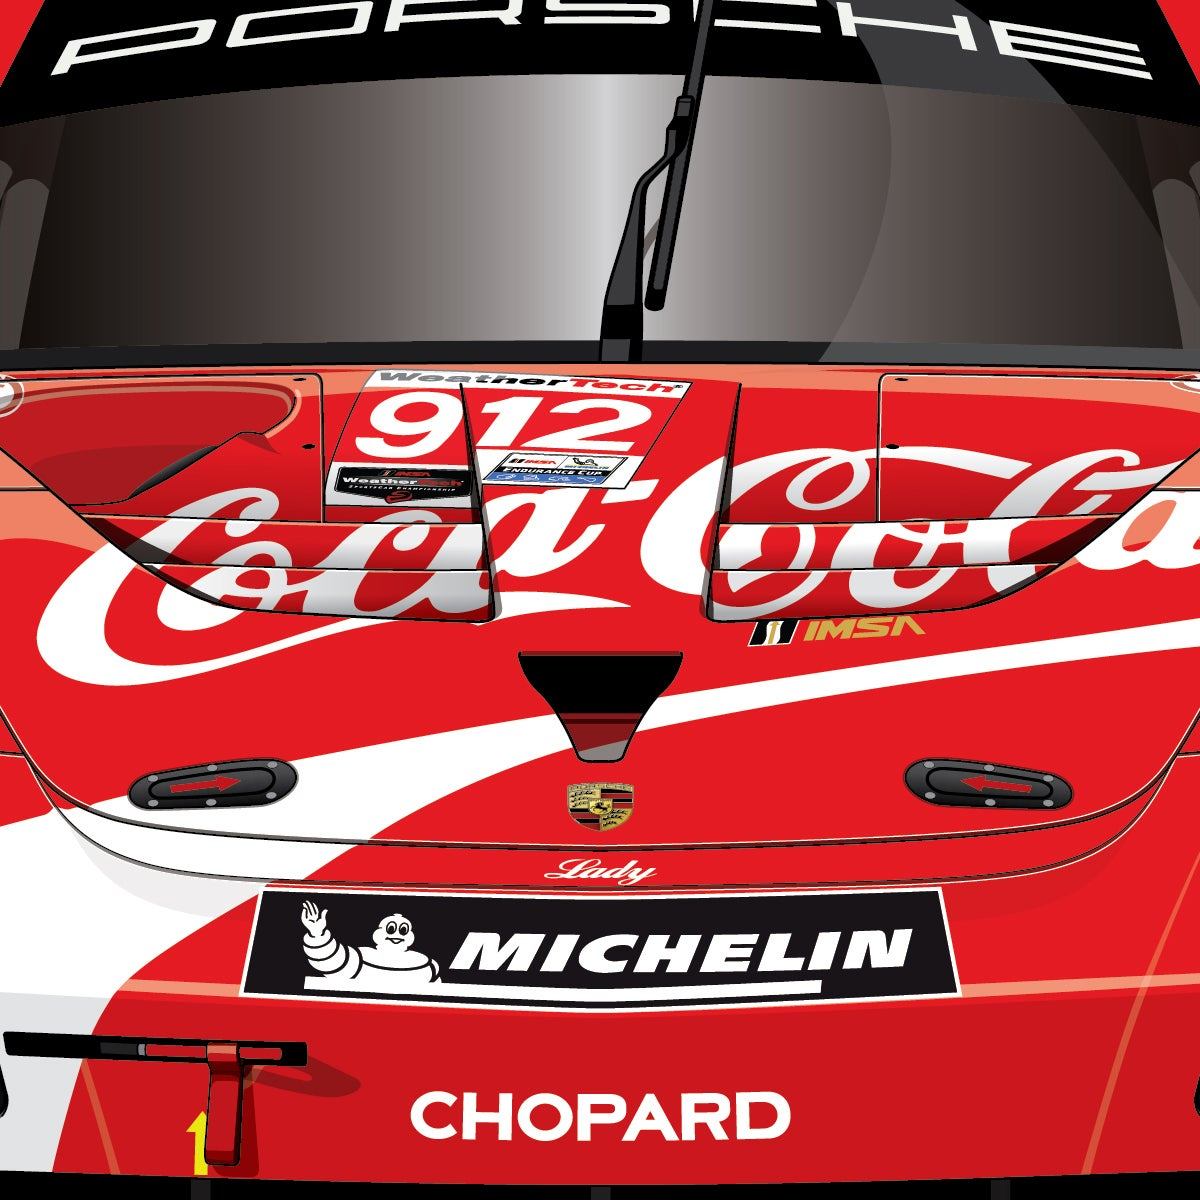 #912 'Coca-Cola' 911 RSR